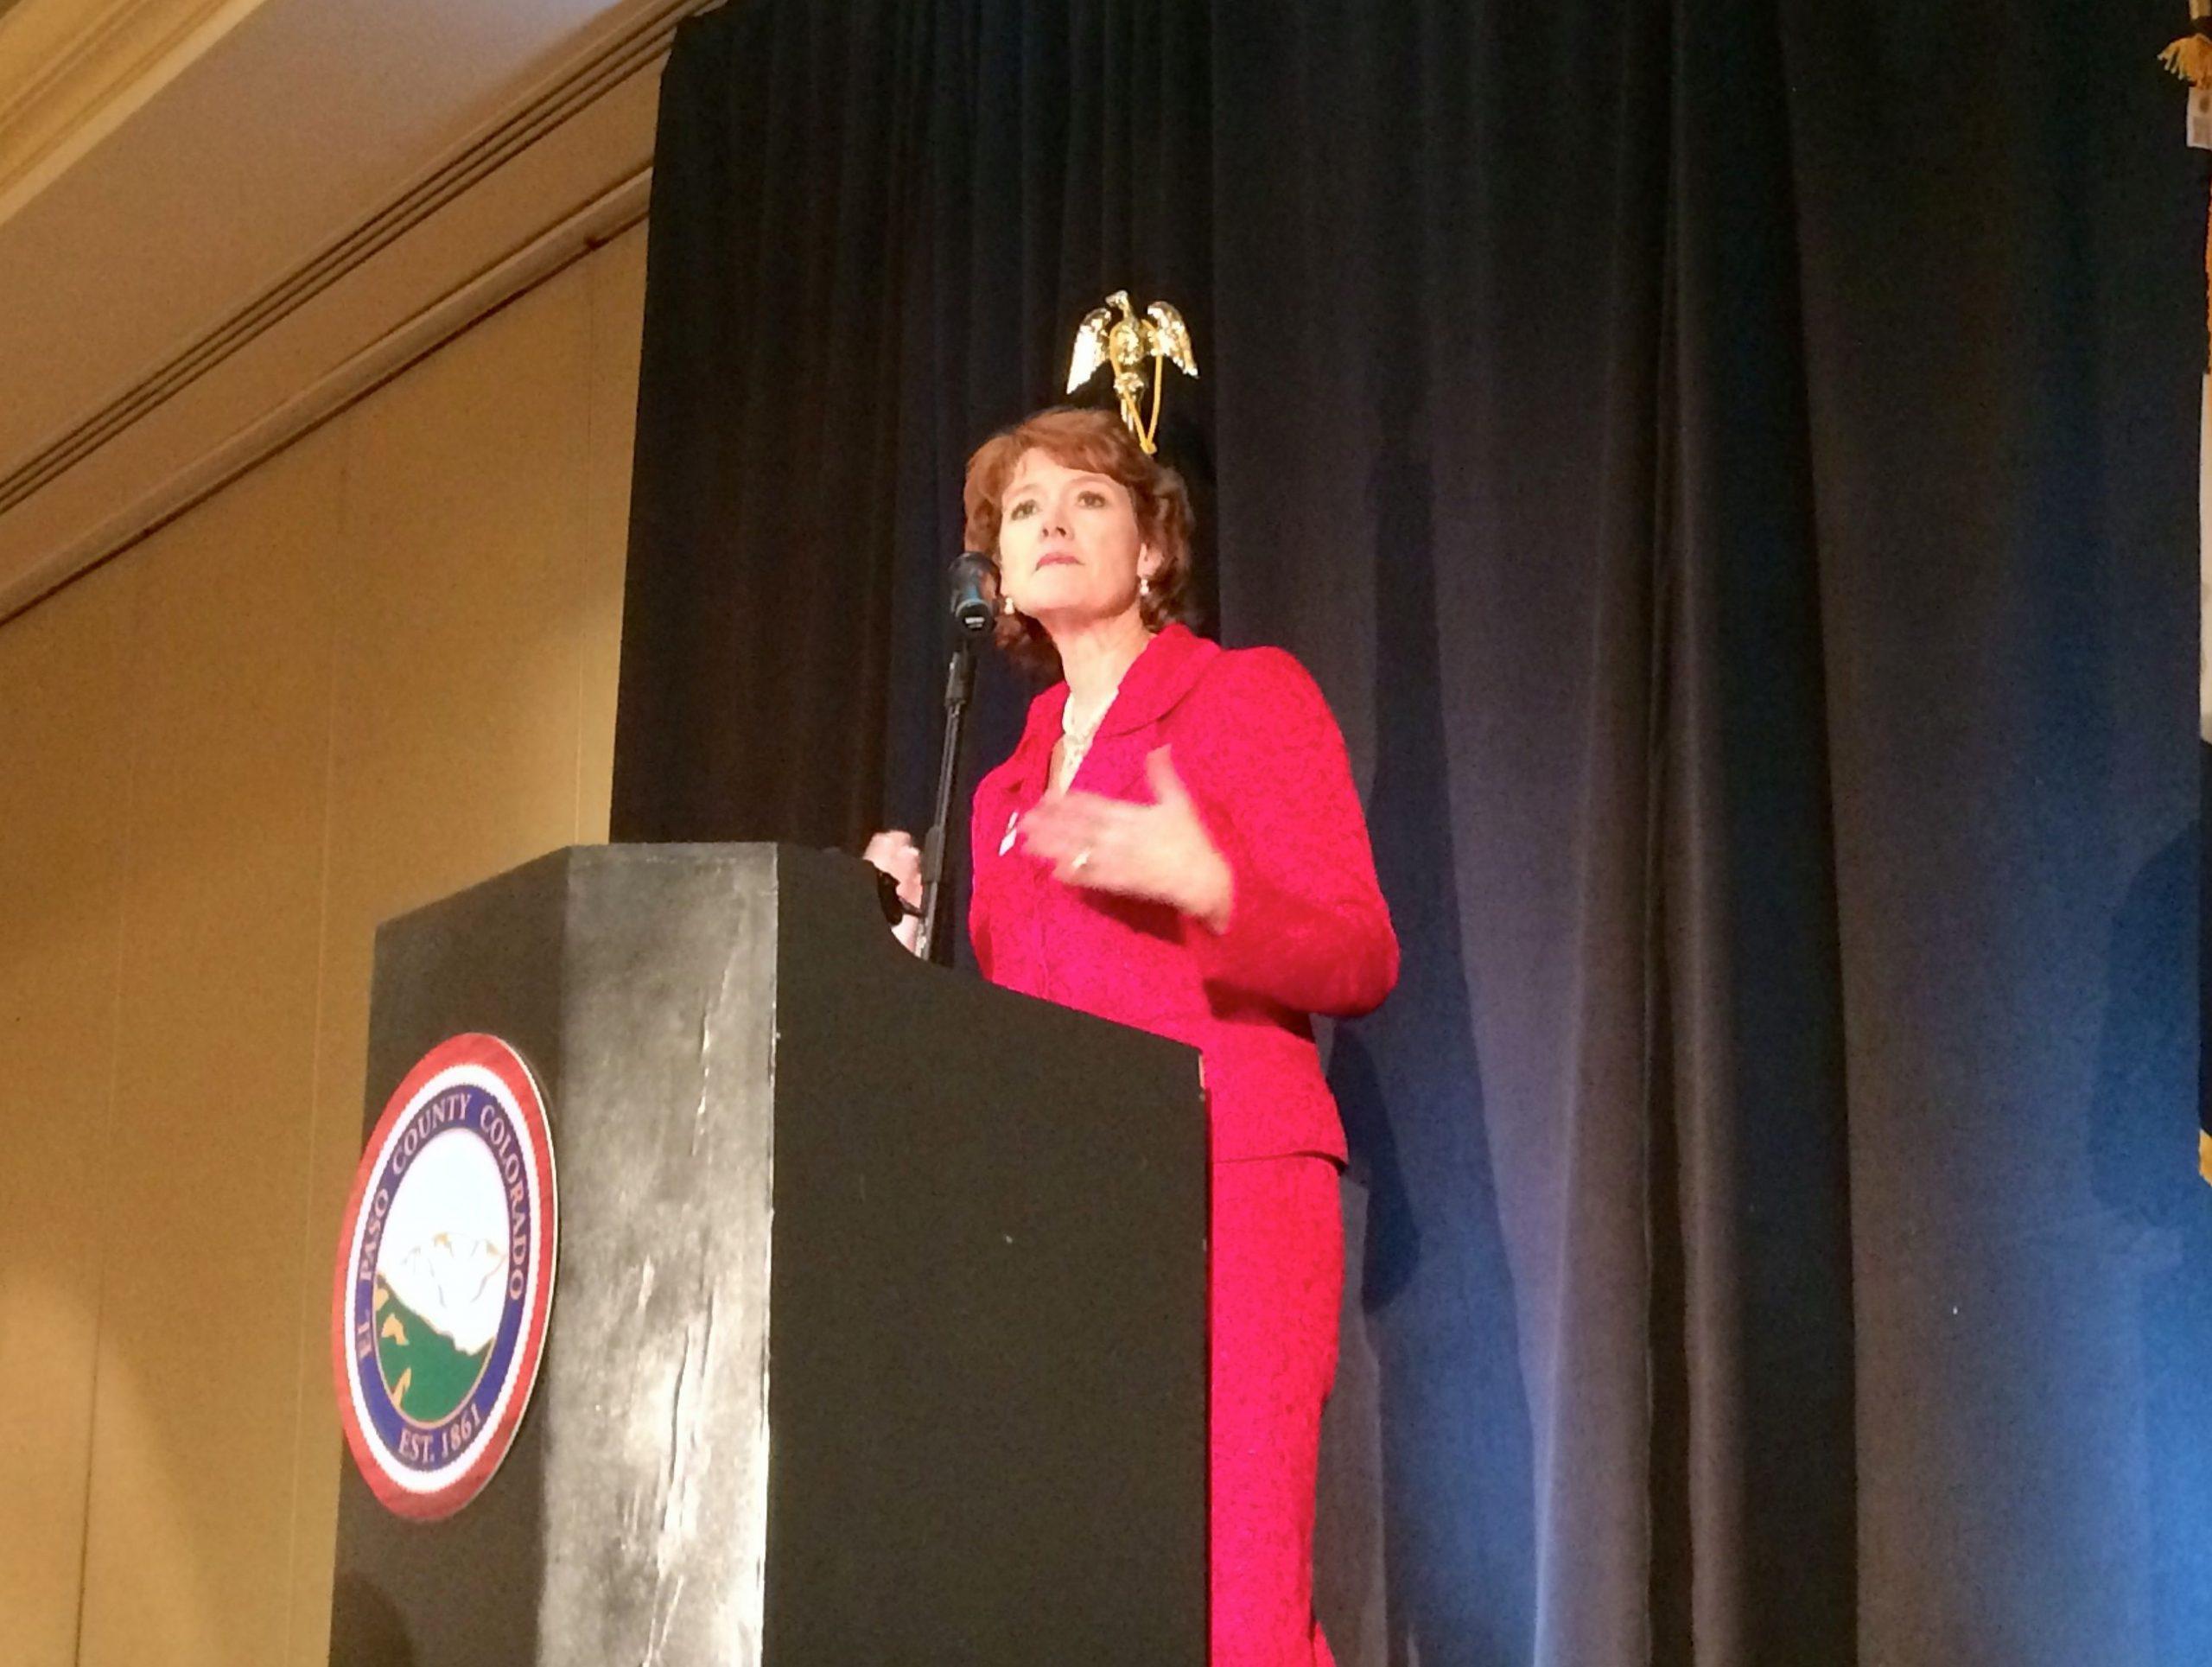 Sallie Clark delivered the address.